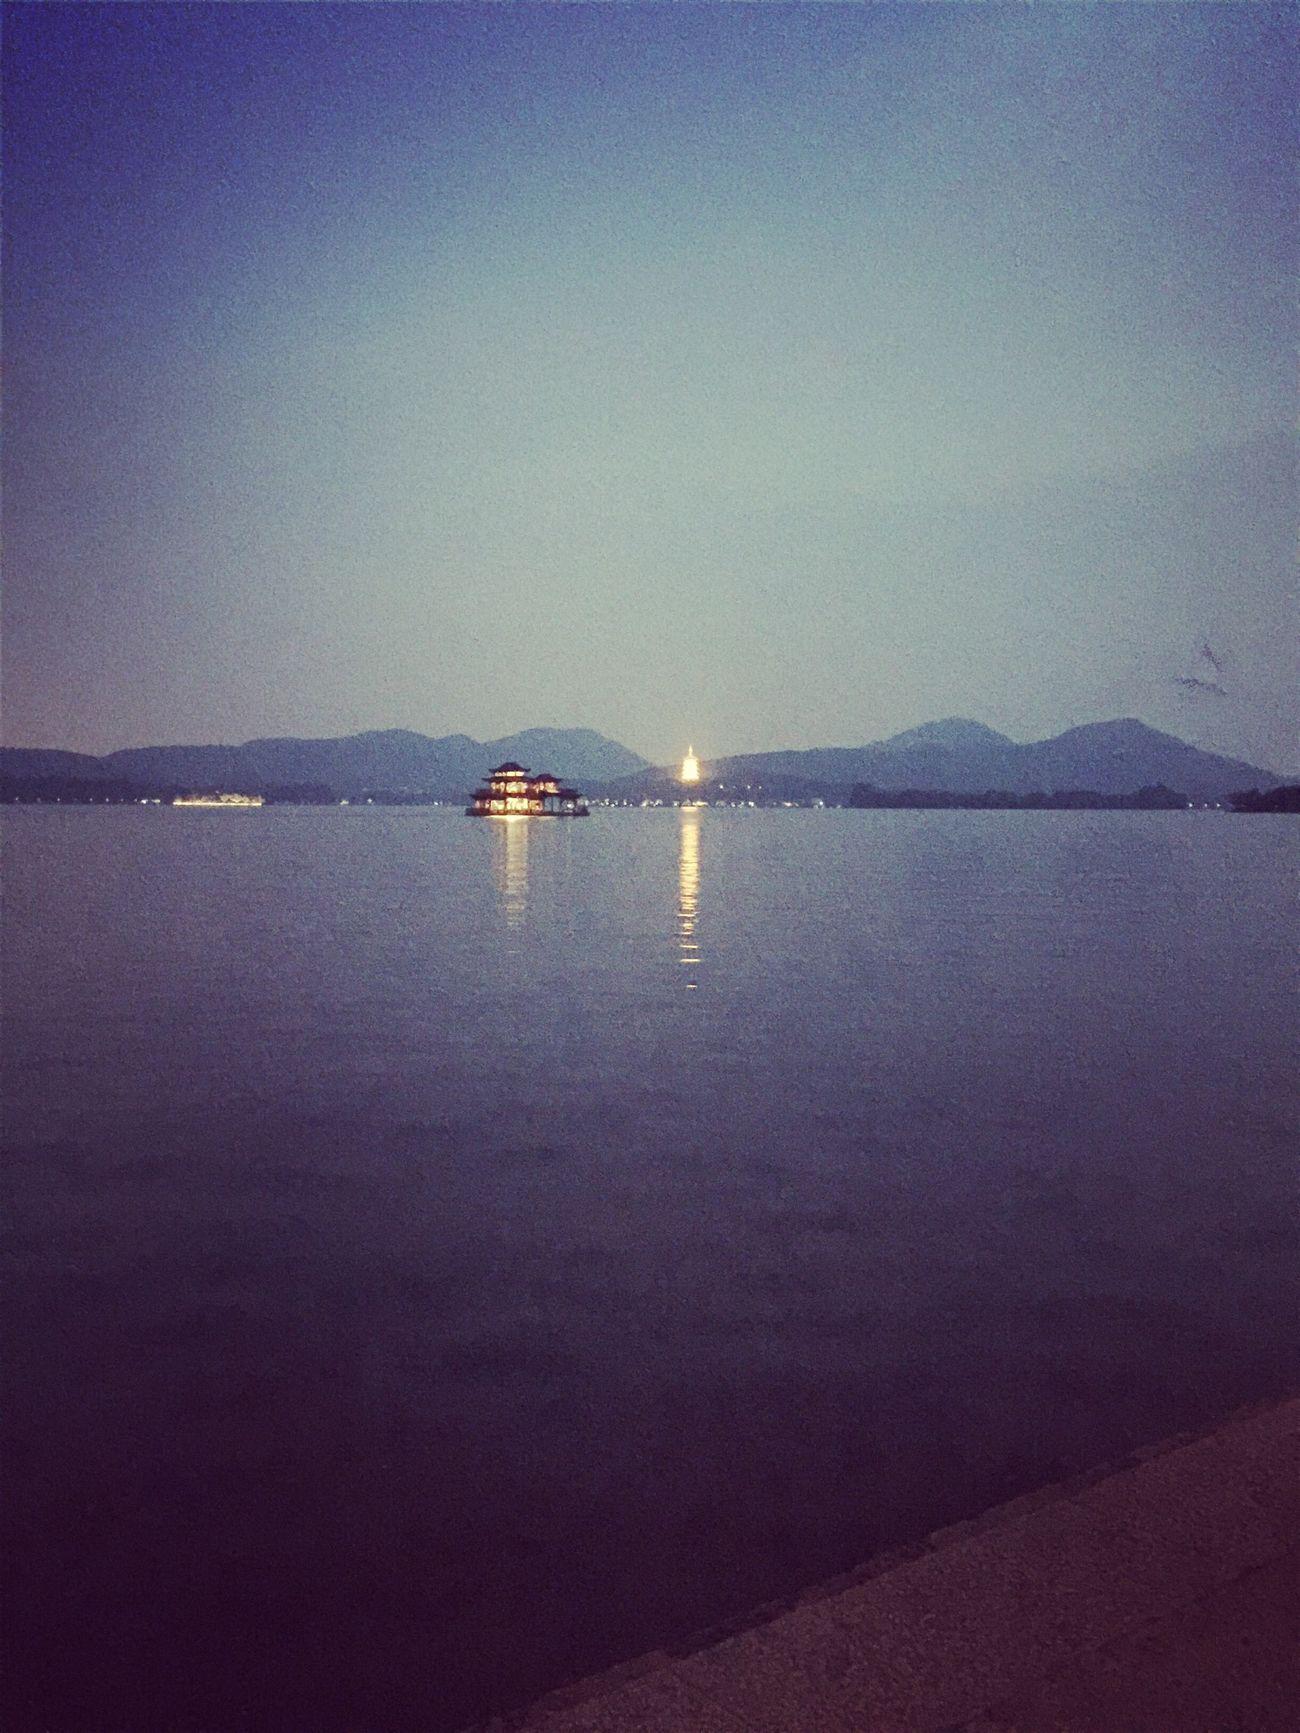 安静的西湖才是她最美的姿态 First Eyeem Photo